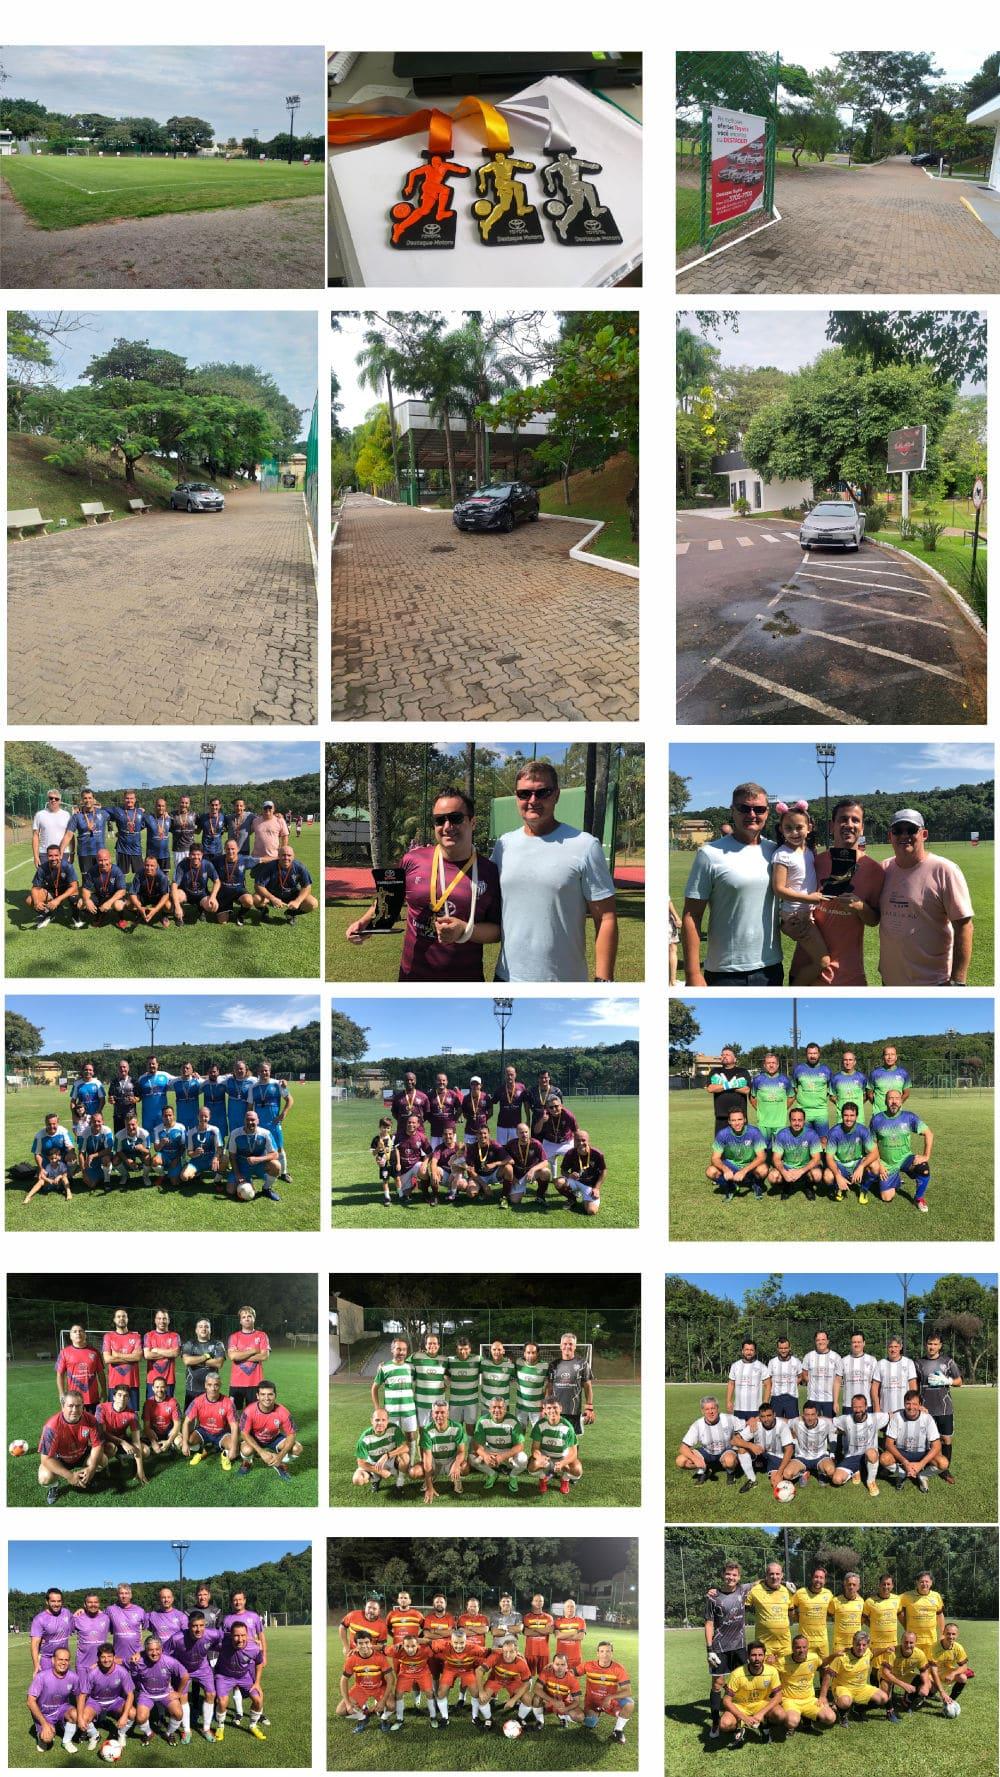 Galeria de imagens evento esportivo Campeonato em Valinhos